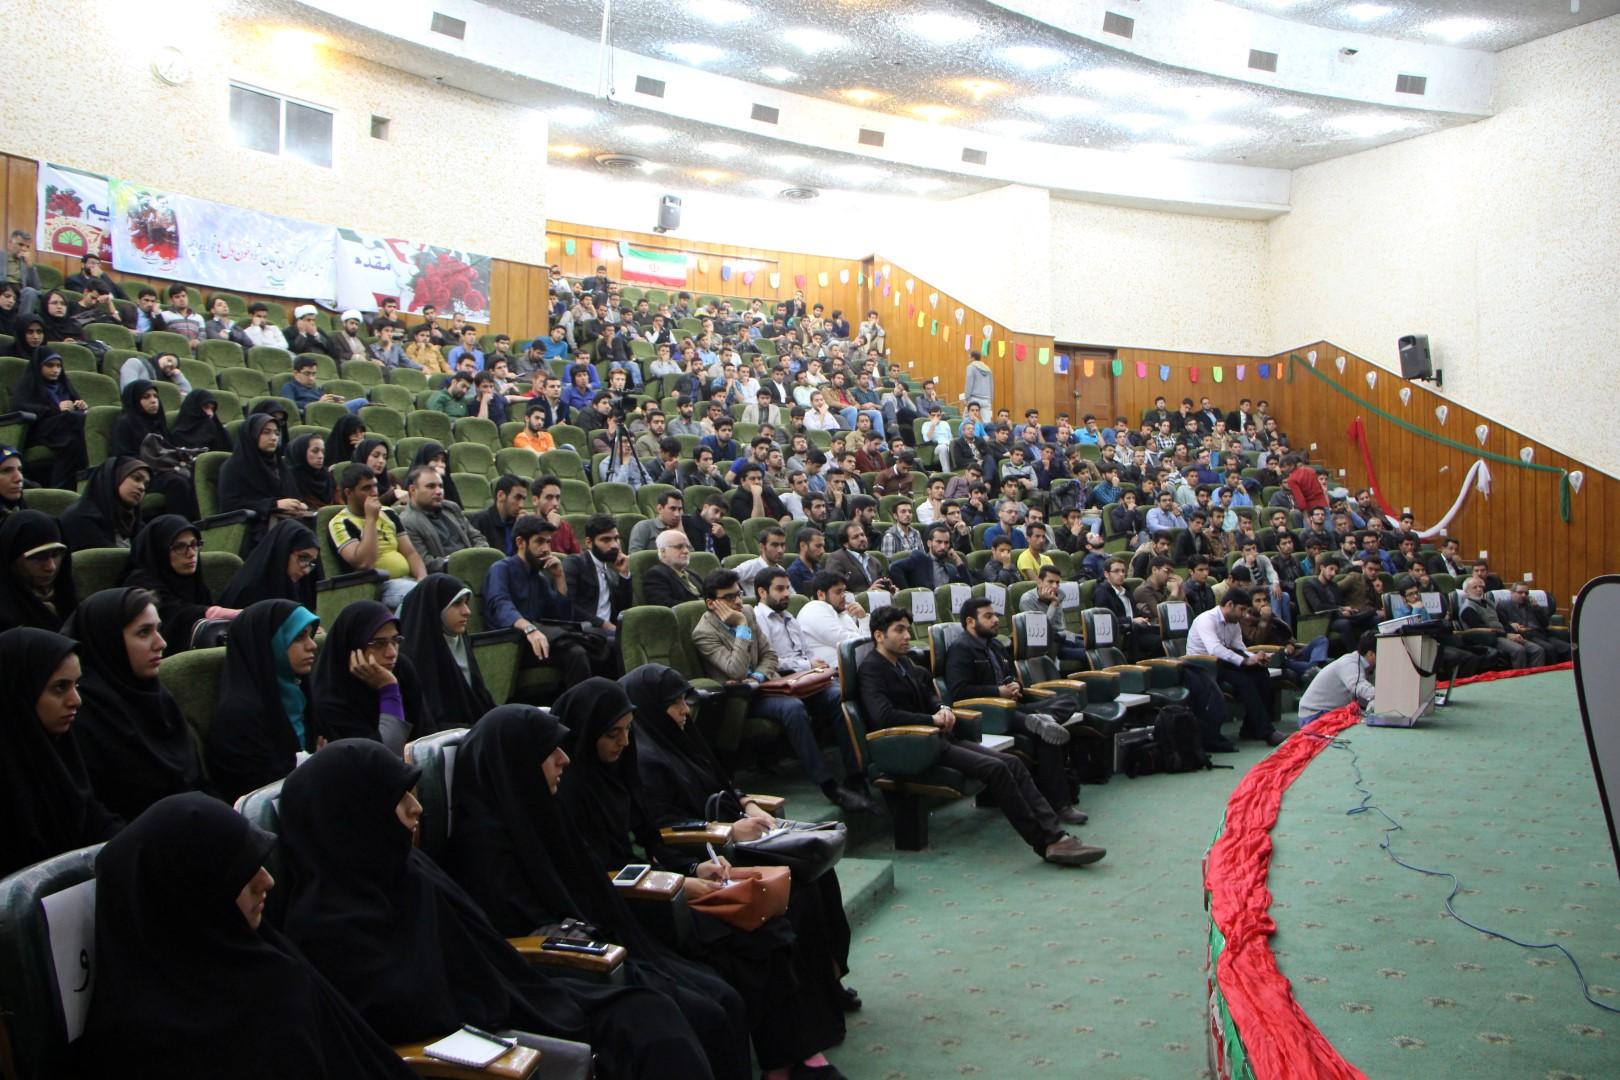 سخنرانی استاد حسن عباسی در دانشگاه شهید چمران اهواز - از چوئن لای تا سیاست درهای باز